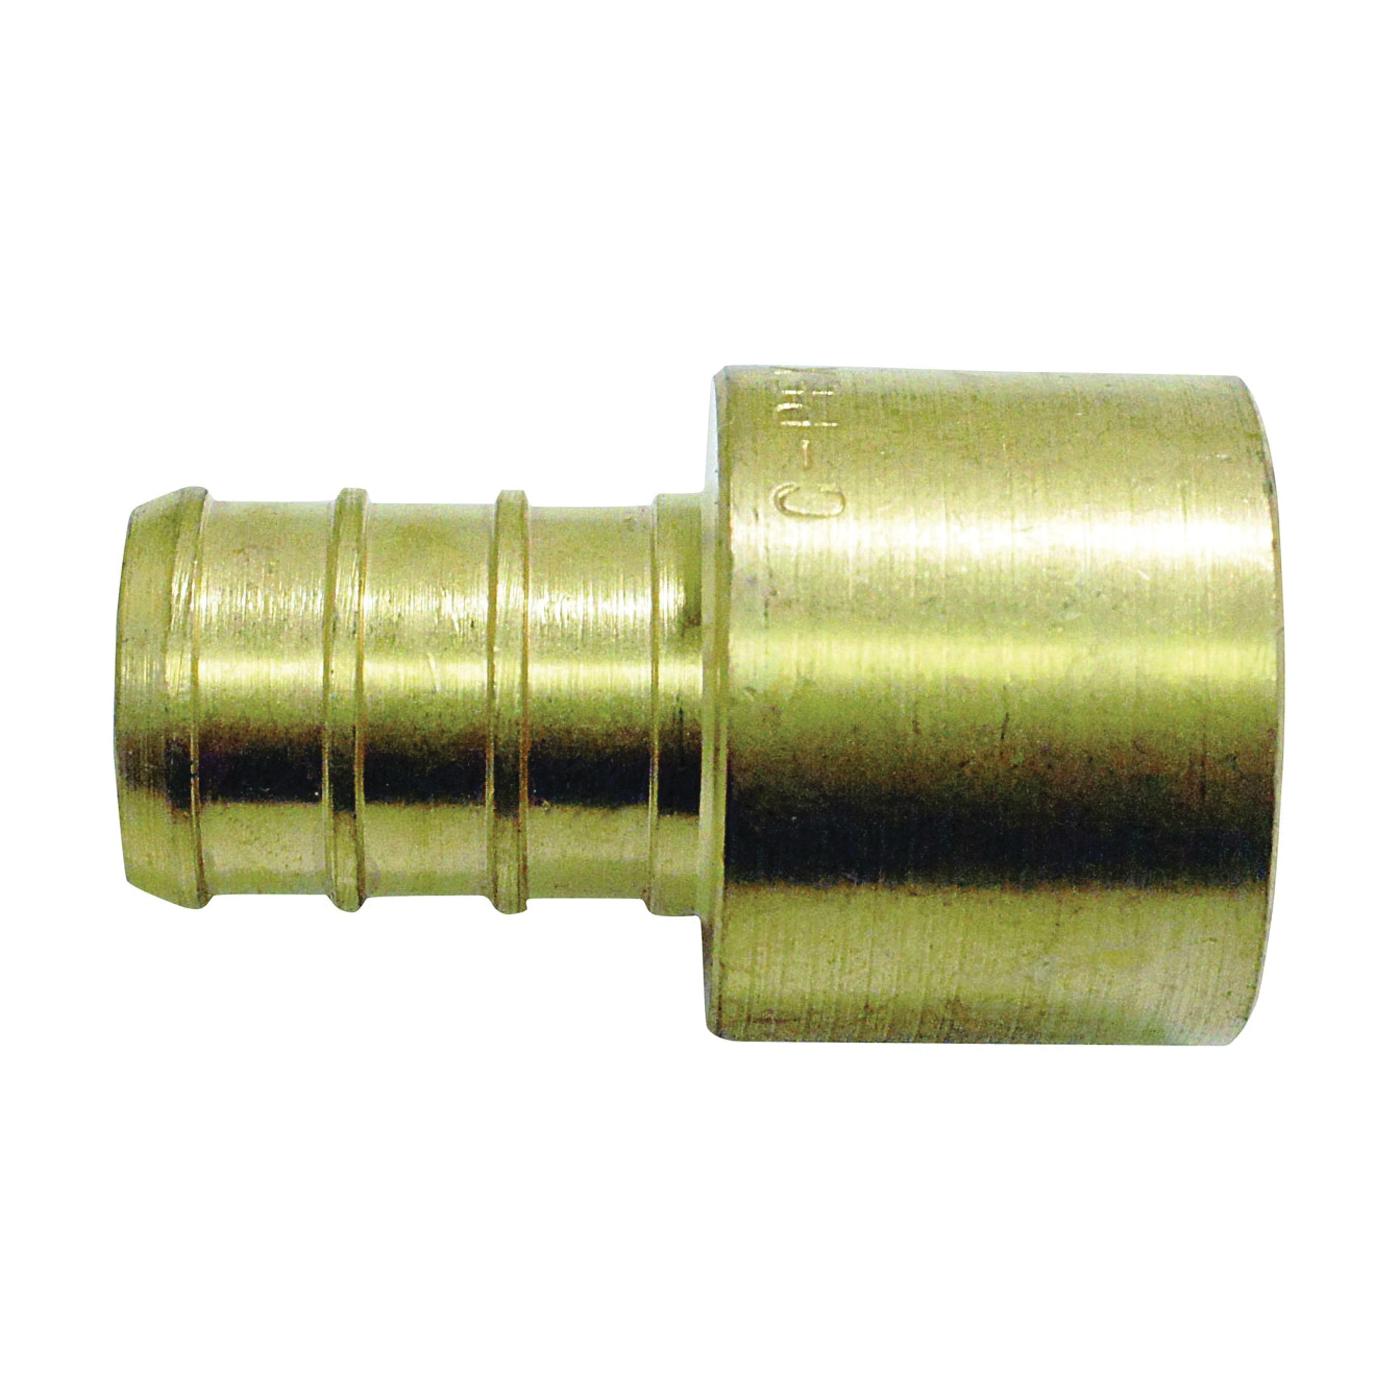 Picture of Apollo APXFS1212 Pipe Adapter, 1/2 in, PEX x Female Solder, Brass, 200 psi Pressure